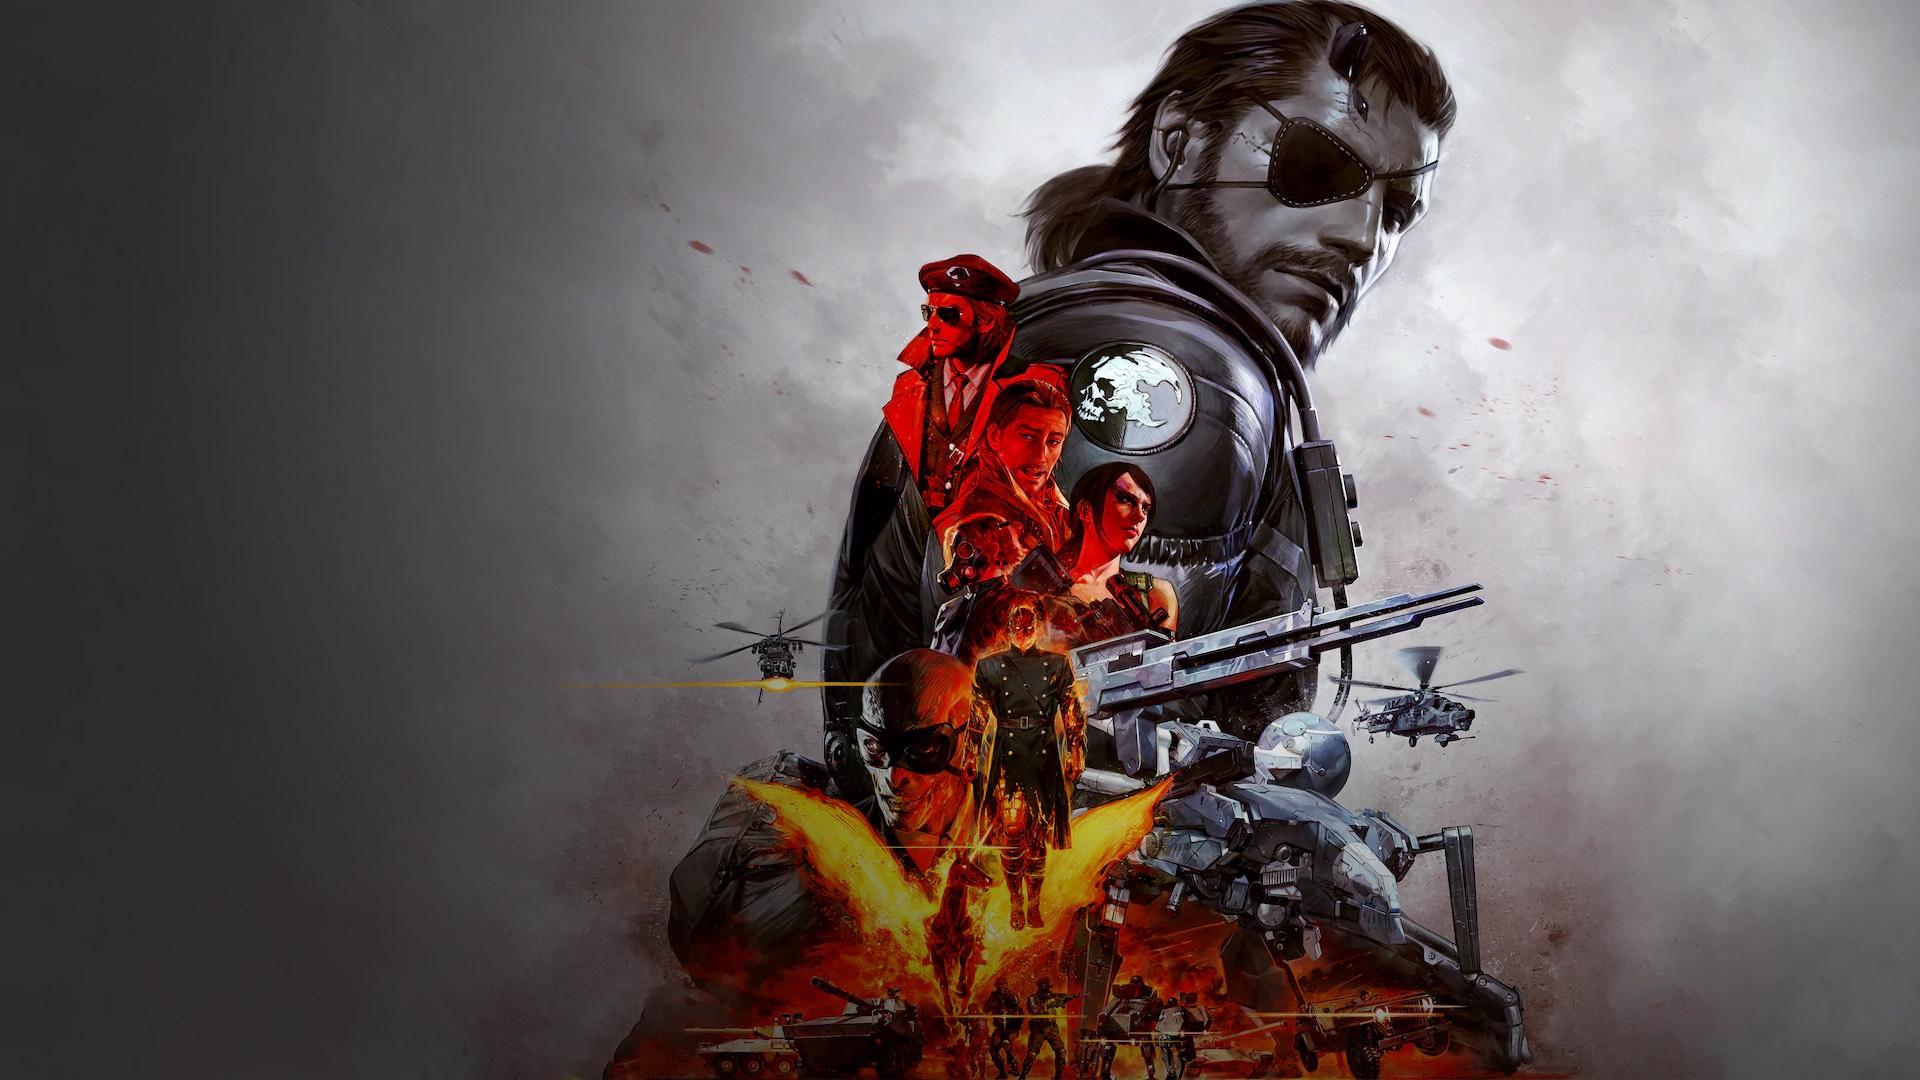 Metal Gear Solid V: The Definitive Experience sur PS4 (Dématérialisé)